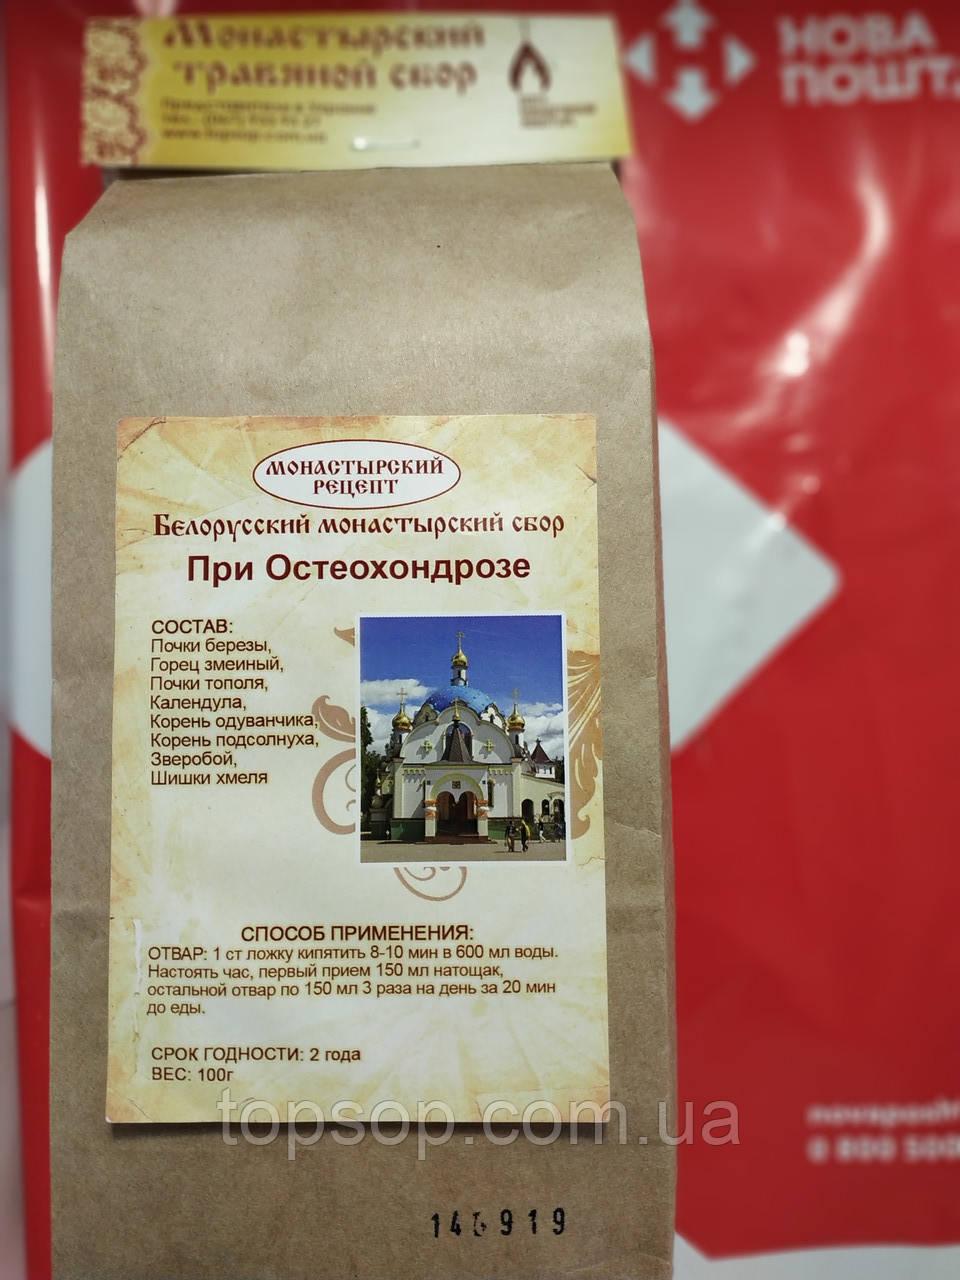 Монастырский чай от остеохондроза, белорусский чай травяной сбор для суставов и костей